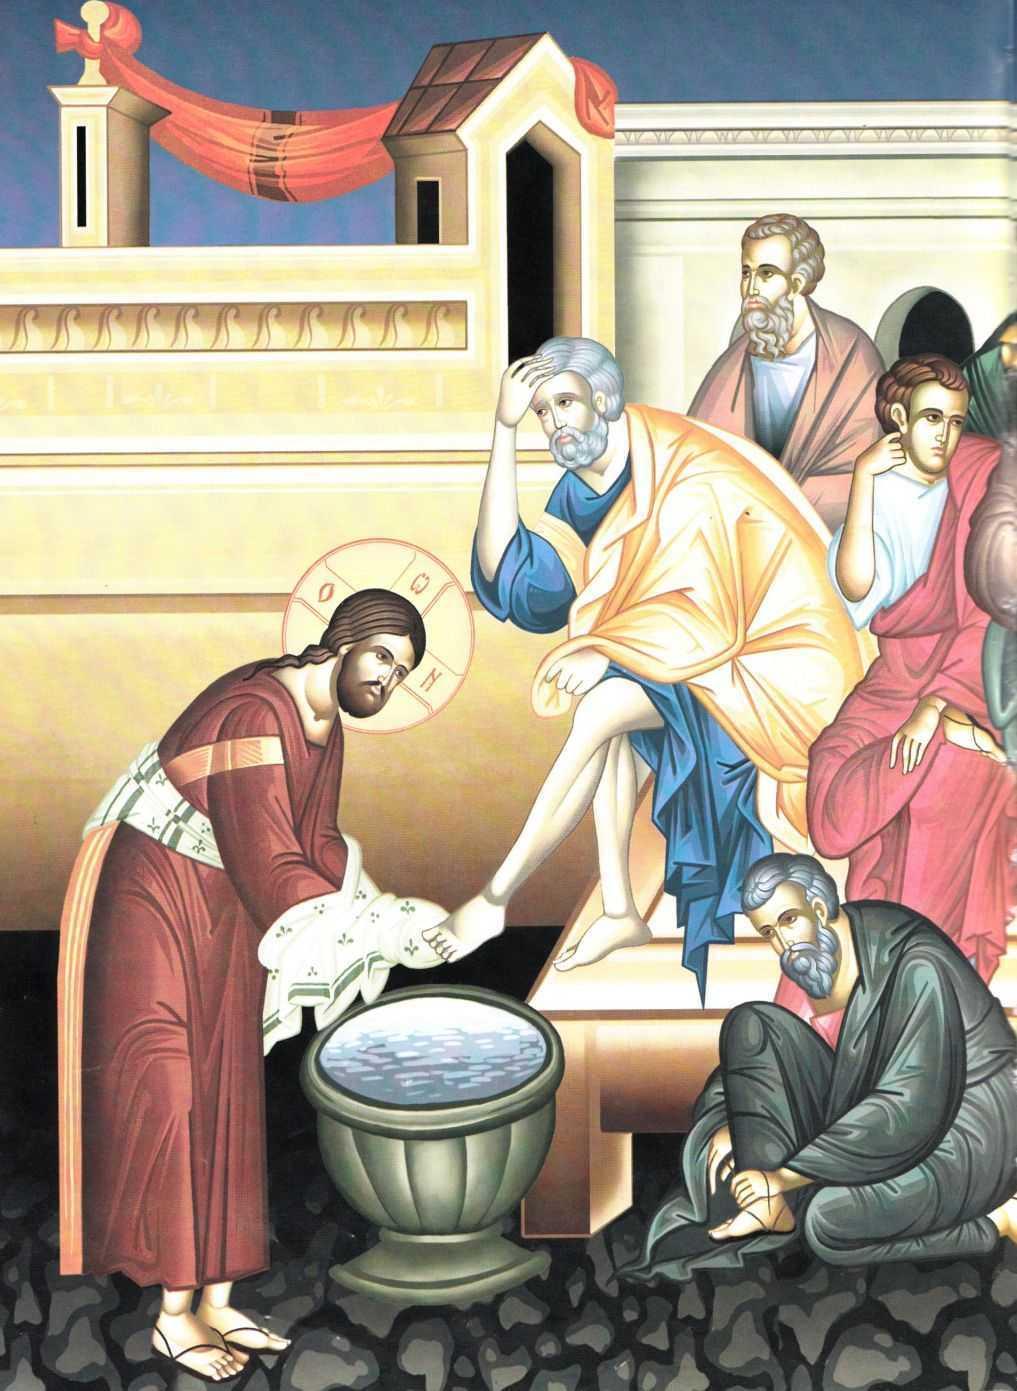 <i>&#8220;Dumnezeu ne slujeşte nouă. E incredibil. E altceva! E ceva din alta lume! Hristos este opusul high-life-ului lumii actuale&#8221;</i>. BADARANIE sau SENSIBILITATE SLUJITOARE? Omul intre IMPARATIA PUTERII si IMPARATIA IUBIRII SMERITE